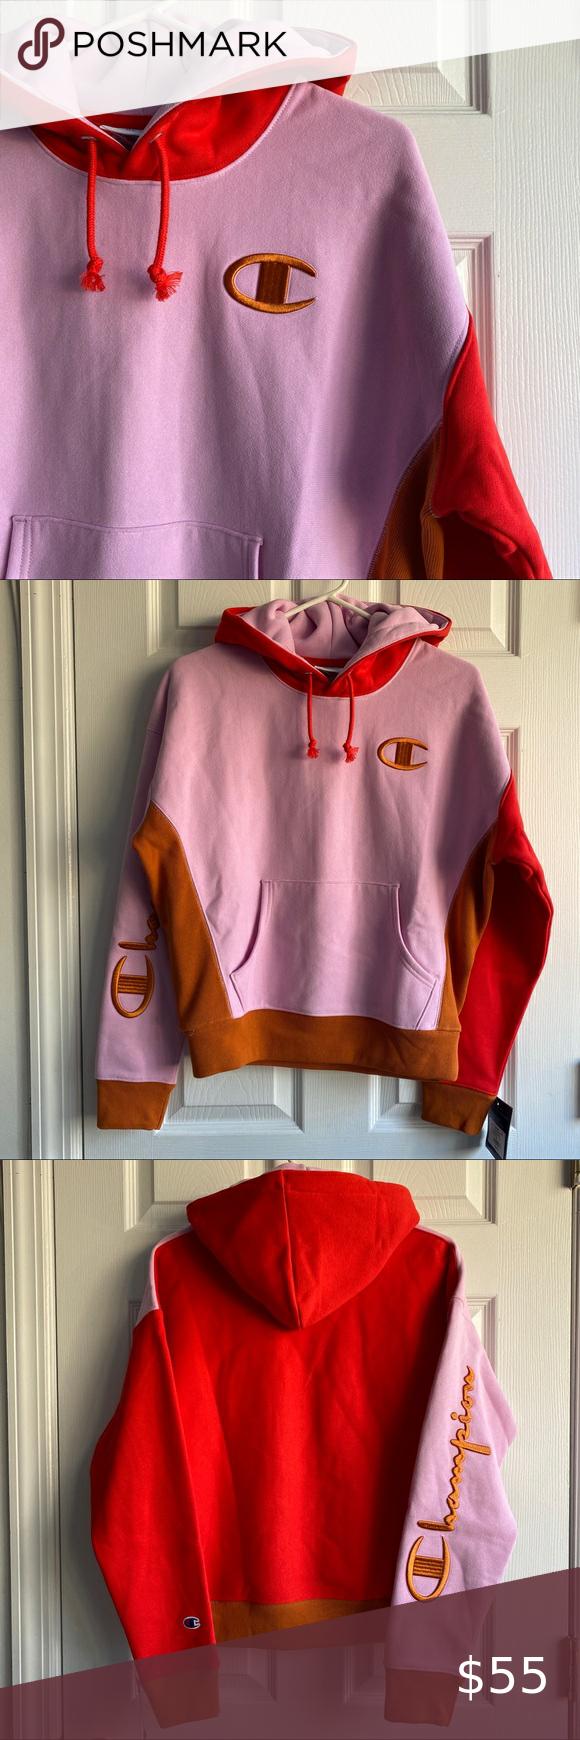 Champion Colorblock Hoodie Hoodies Sweatshirts Hoodie Adidas Tops [ 1740 x 580 Pixel ]